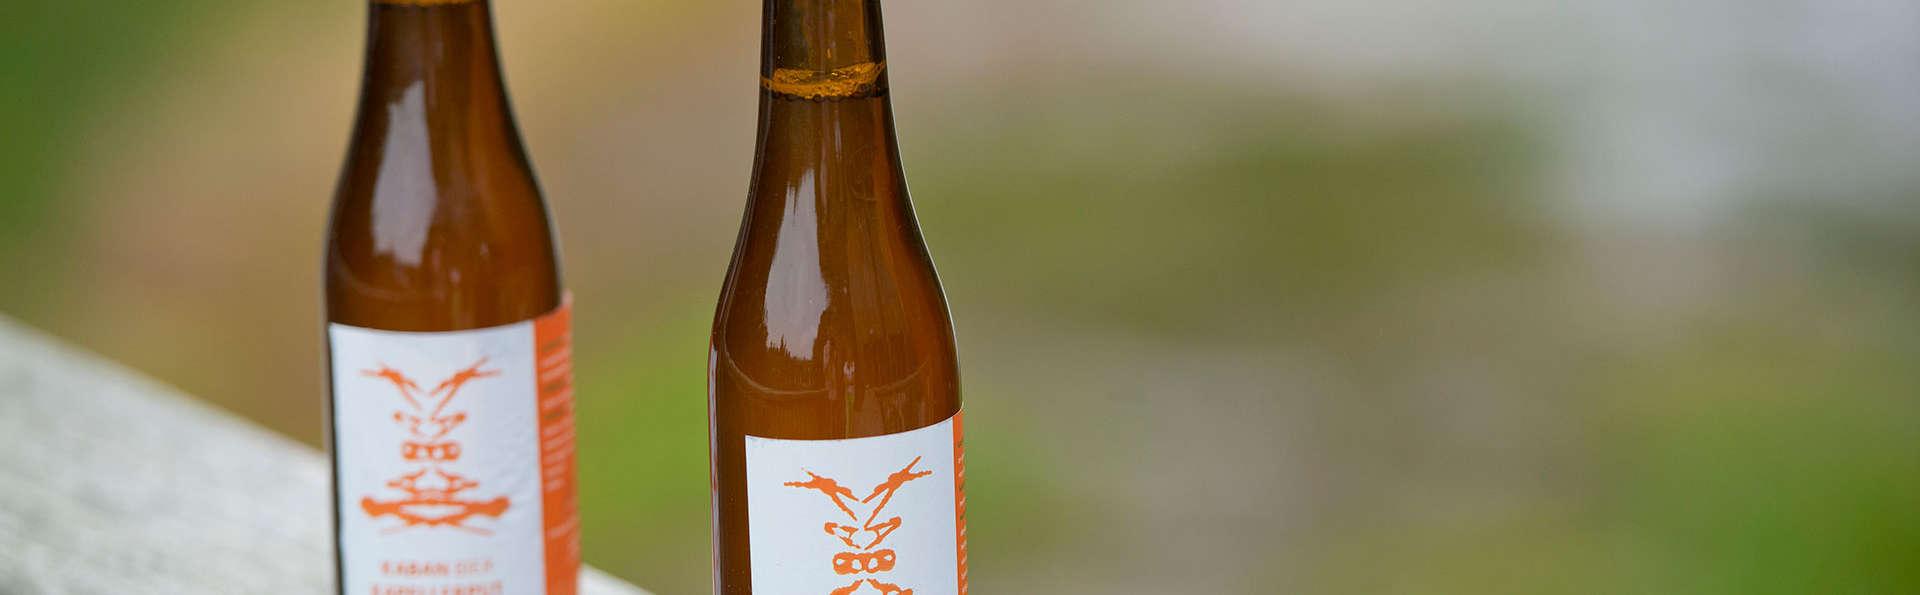 Plaisirs culinaires et dégustation de bières chez Landgoed Kappelerput à Heeze (à partir de 2 nuits)